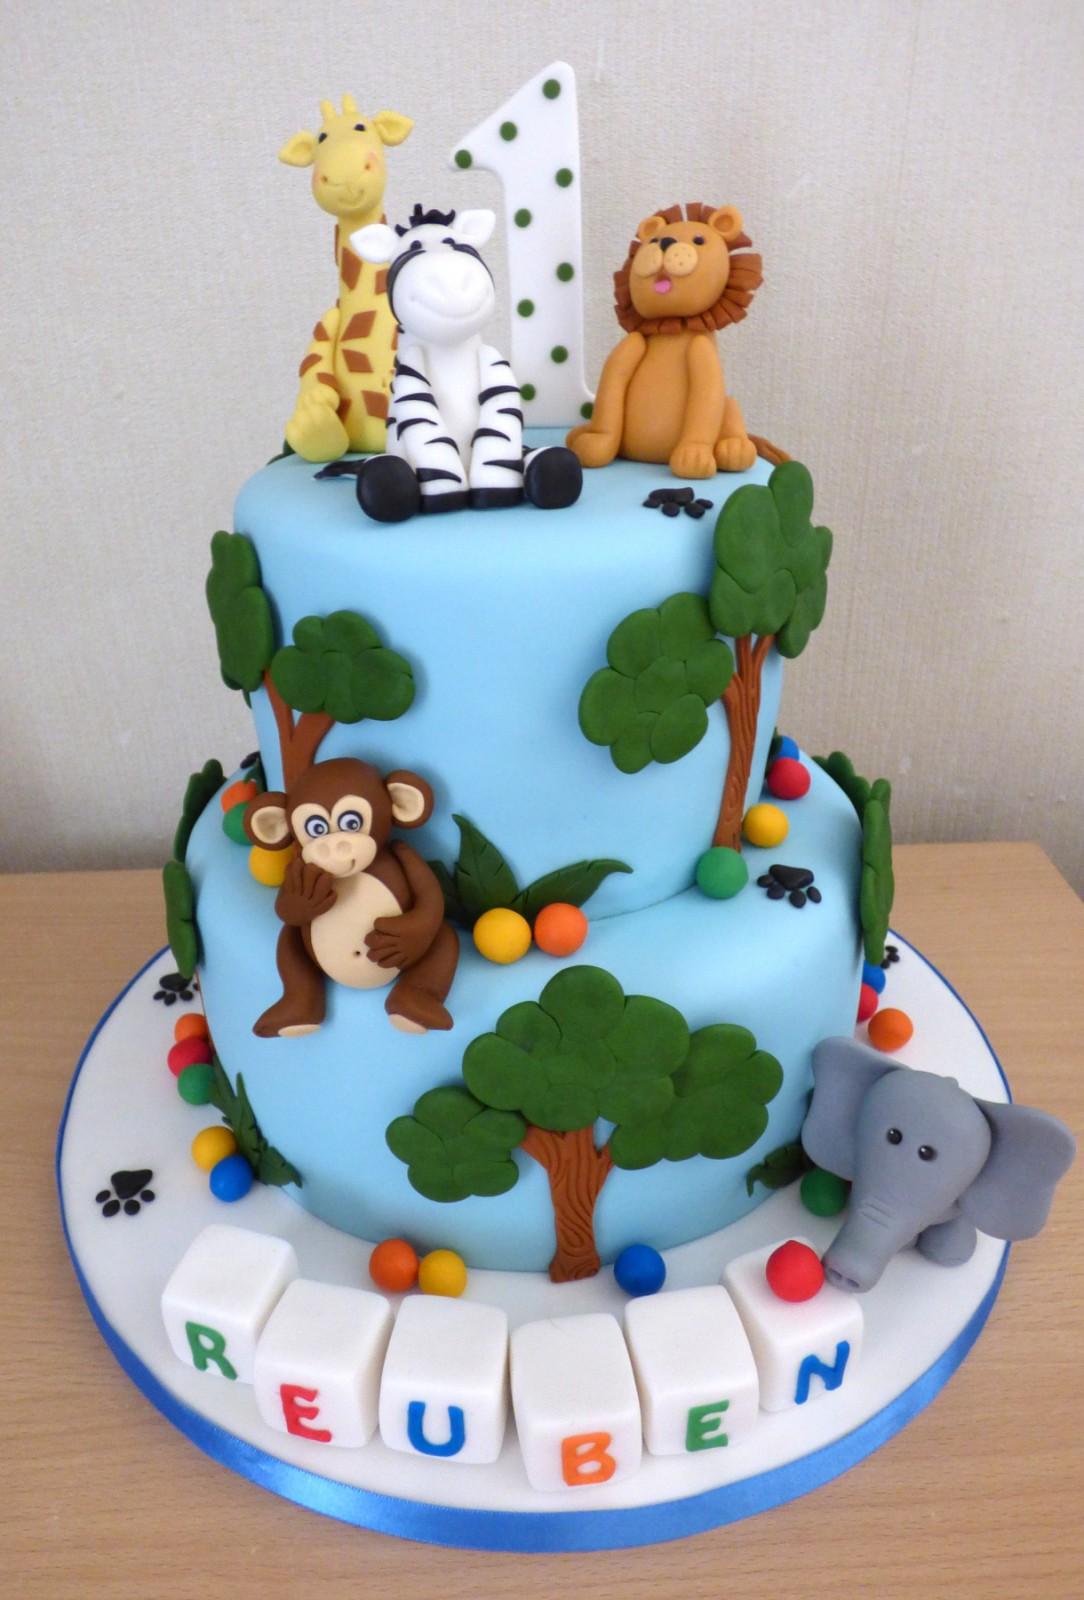 2 Tier Jungle Animal Themed 1st Birthday Cake « Susie's Cakes